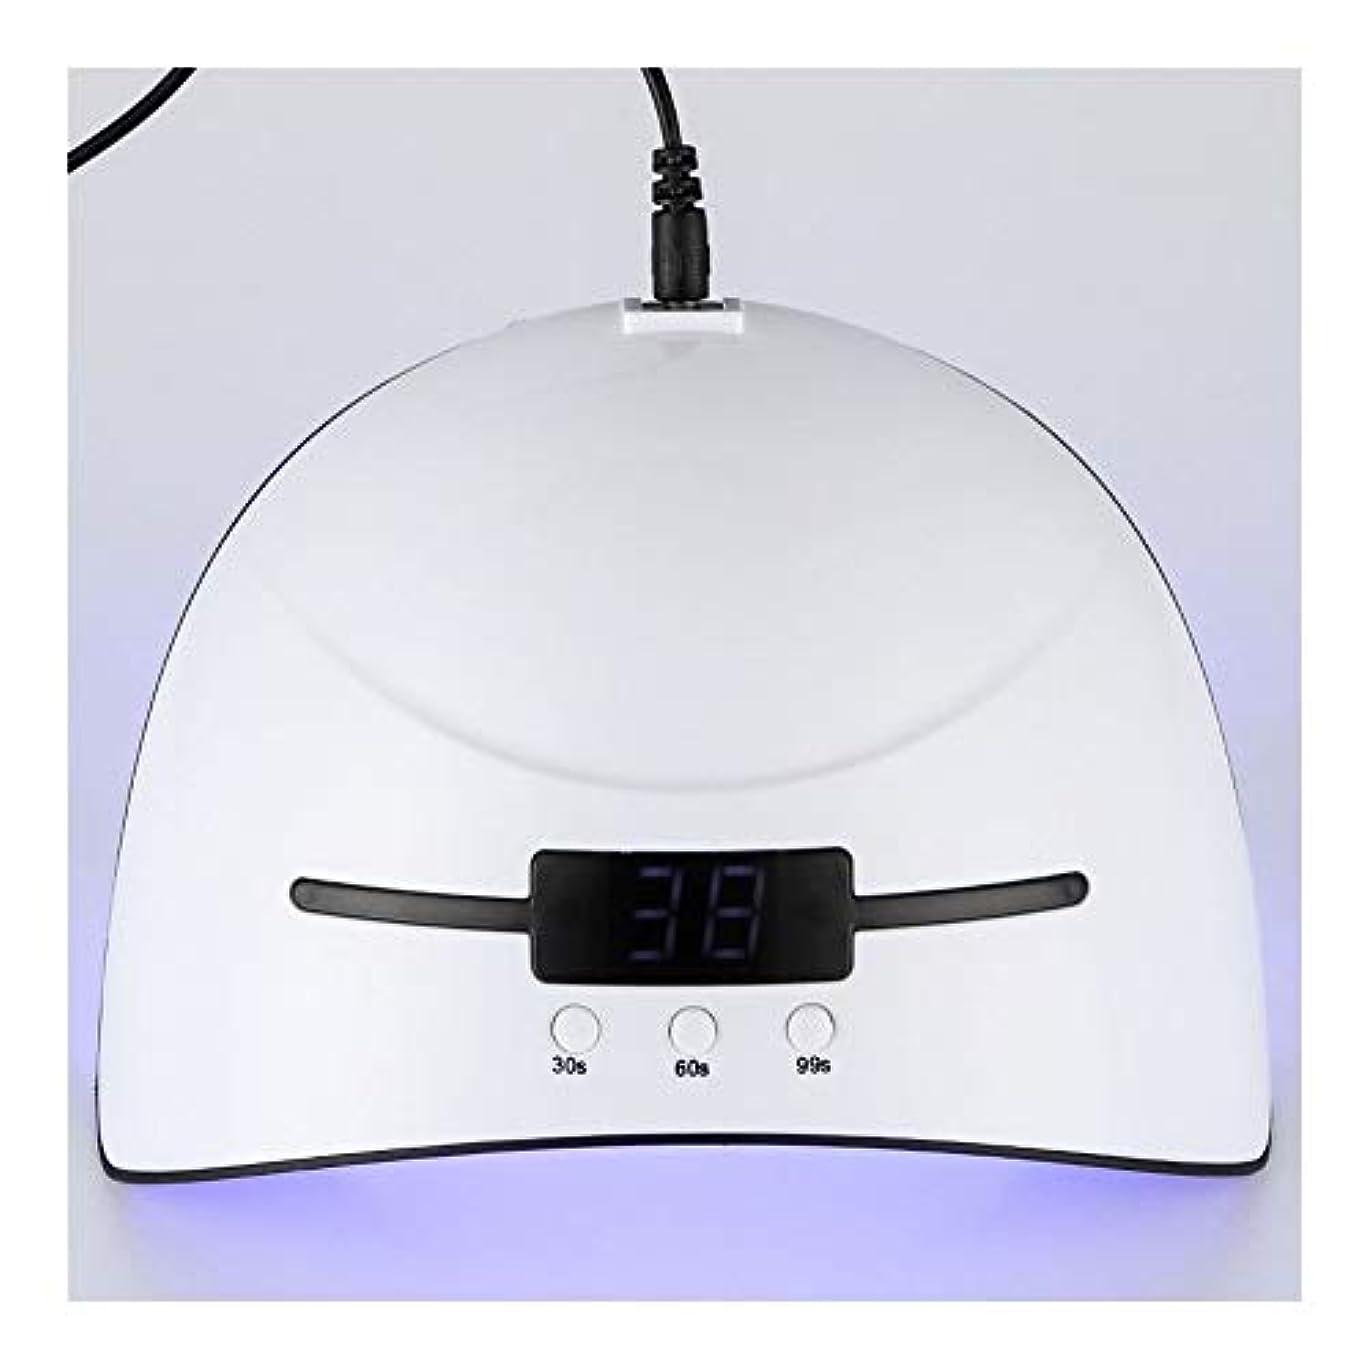 記念品パールプレートYESONEEP ネイル光線療法機36ワットインテリジェント誘導ledドライヤーネイルポリッシュ光線療法のりマニキュア光線処理焼くライトツール (Size : 36W)